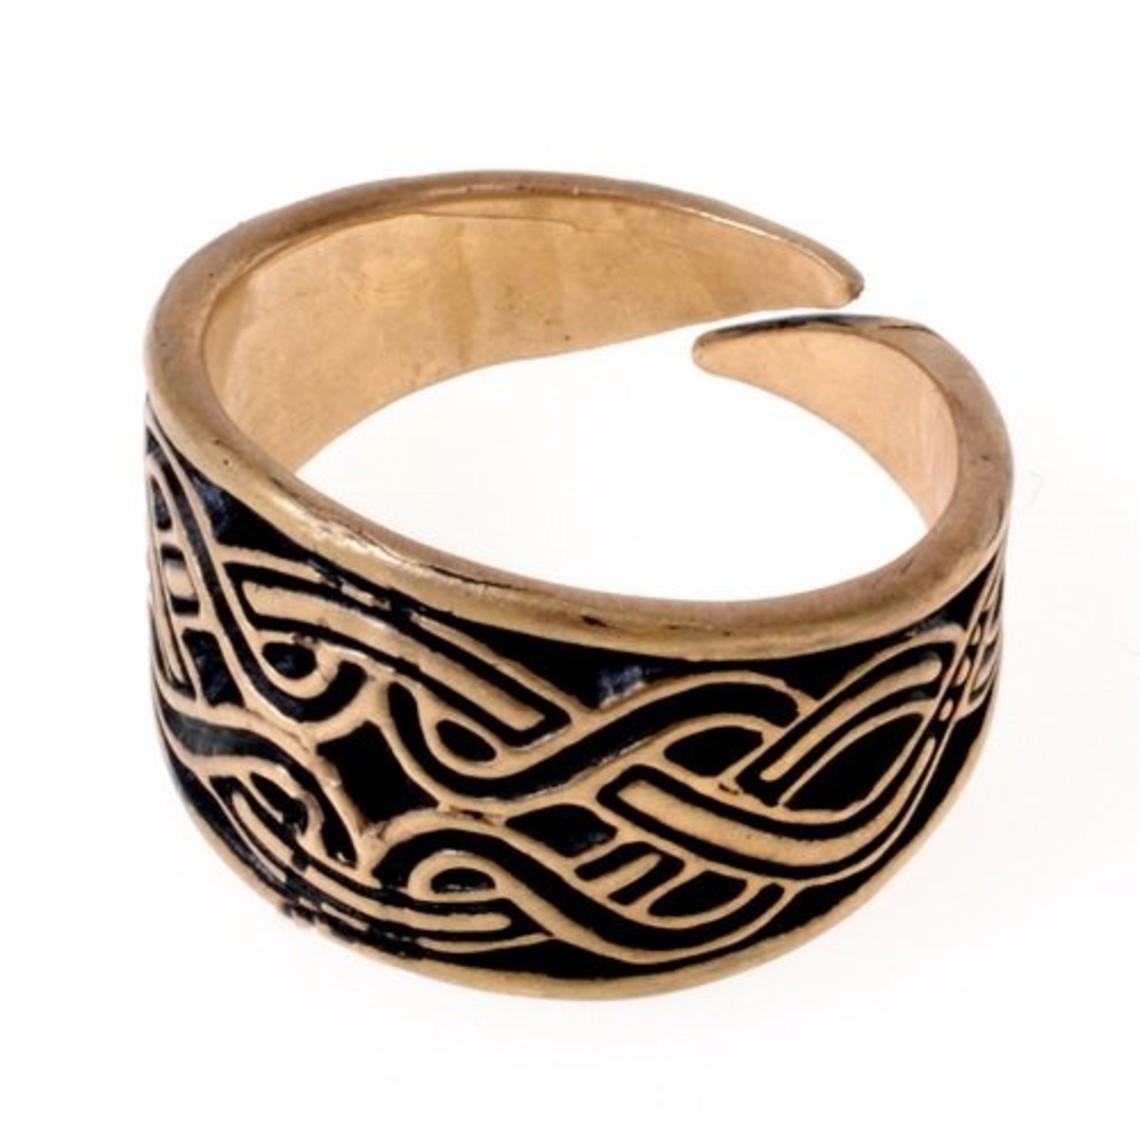 Magyarische ring met knoopmotief, brons